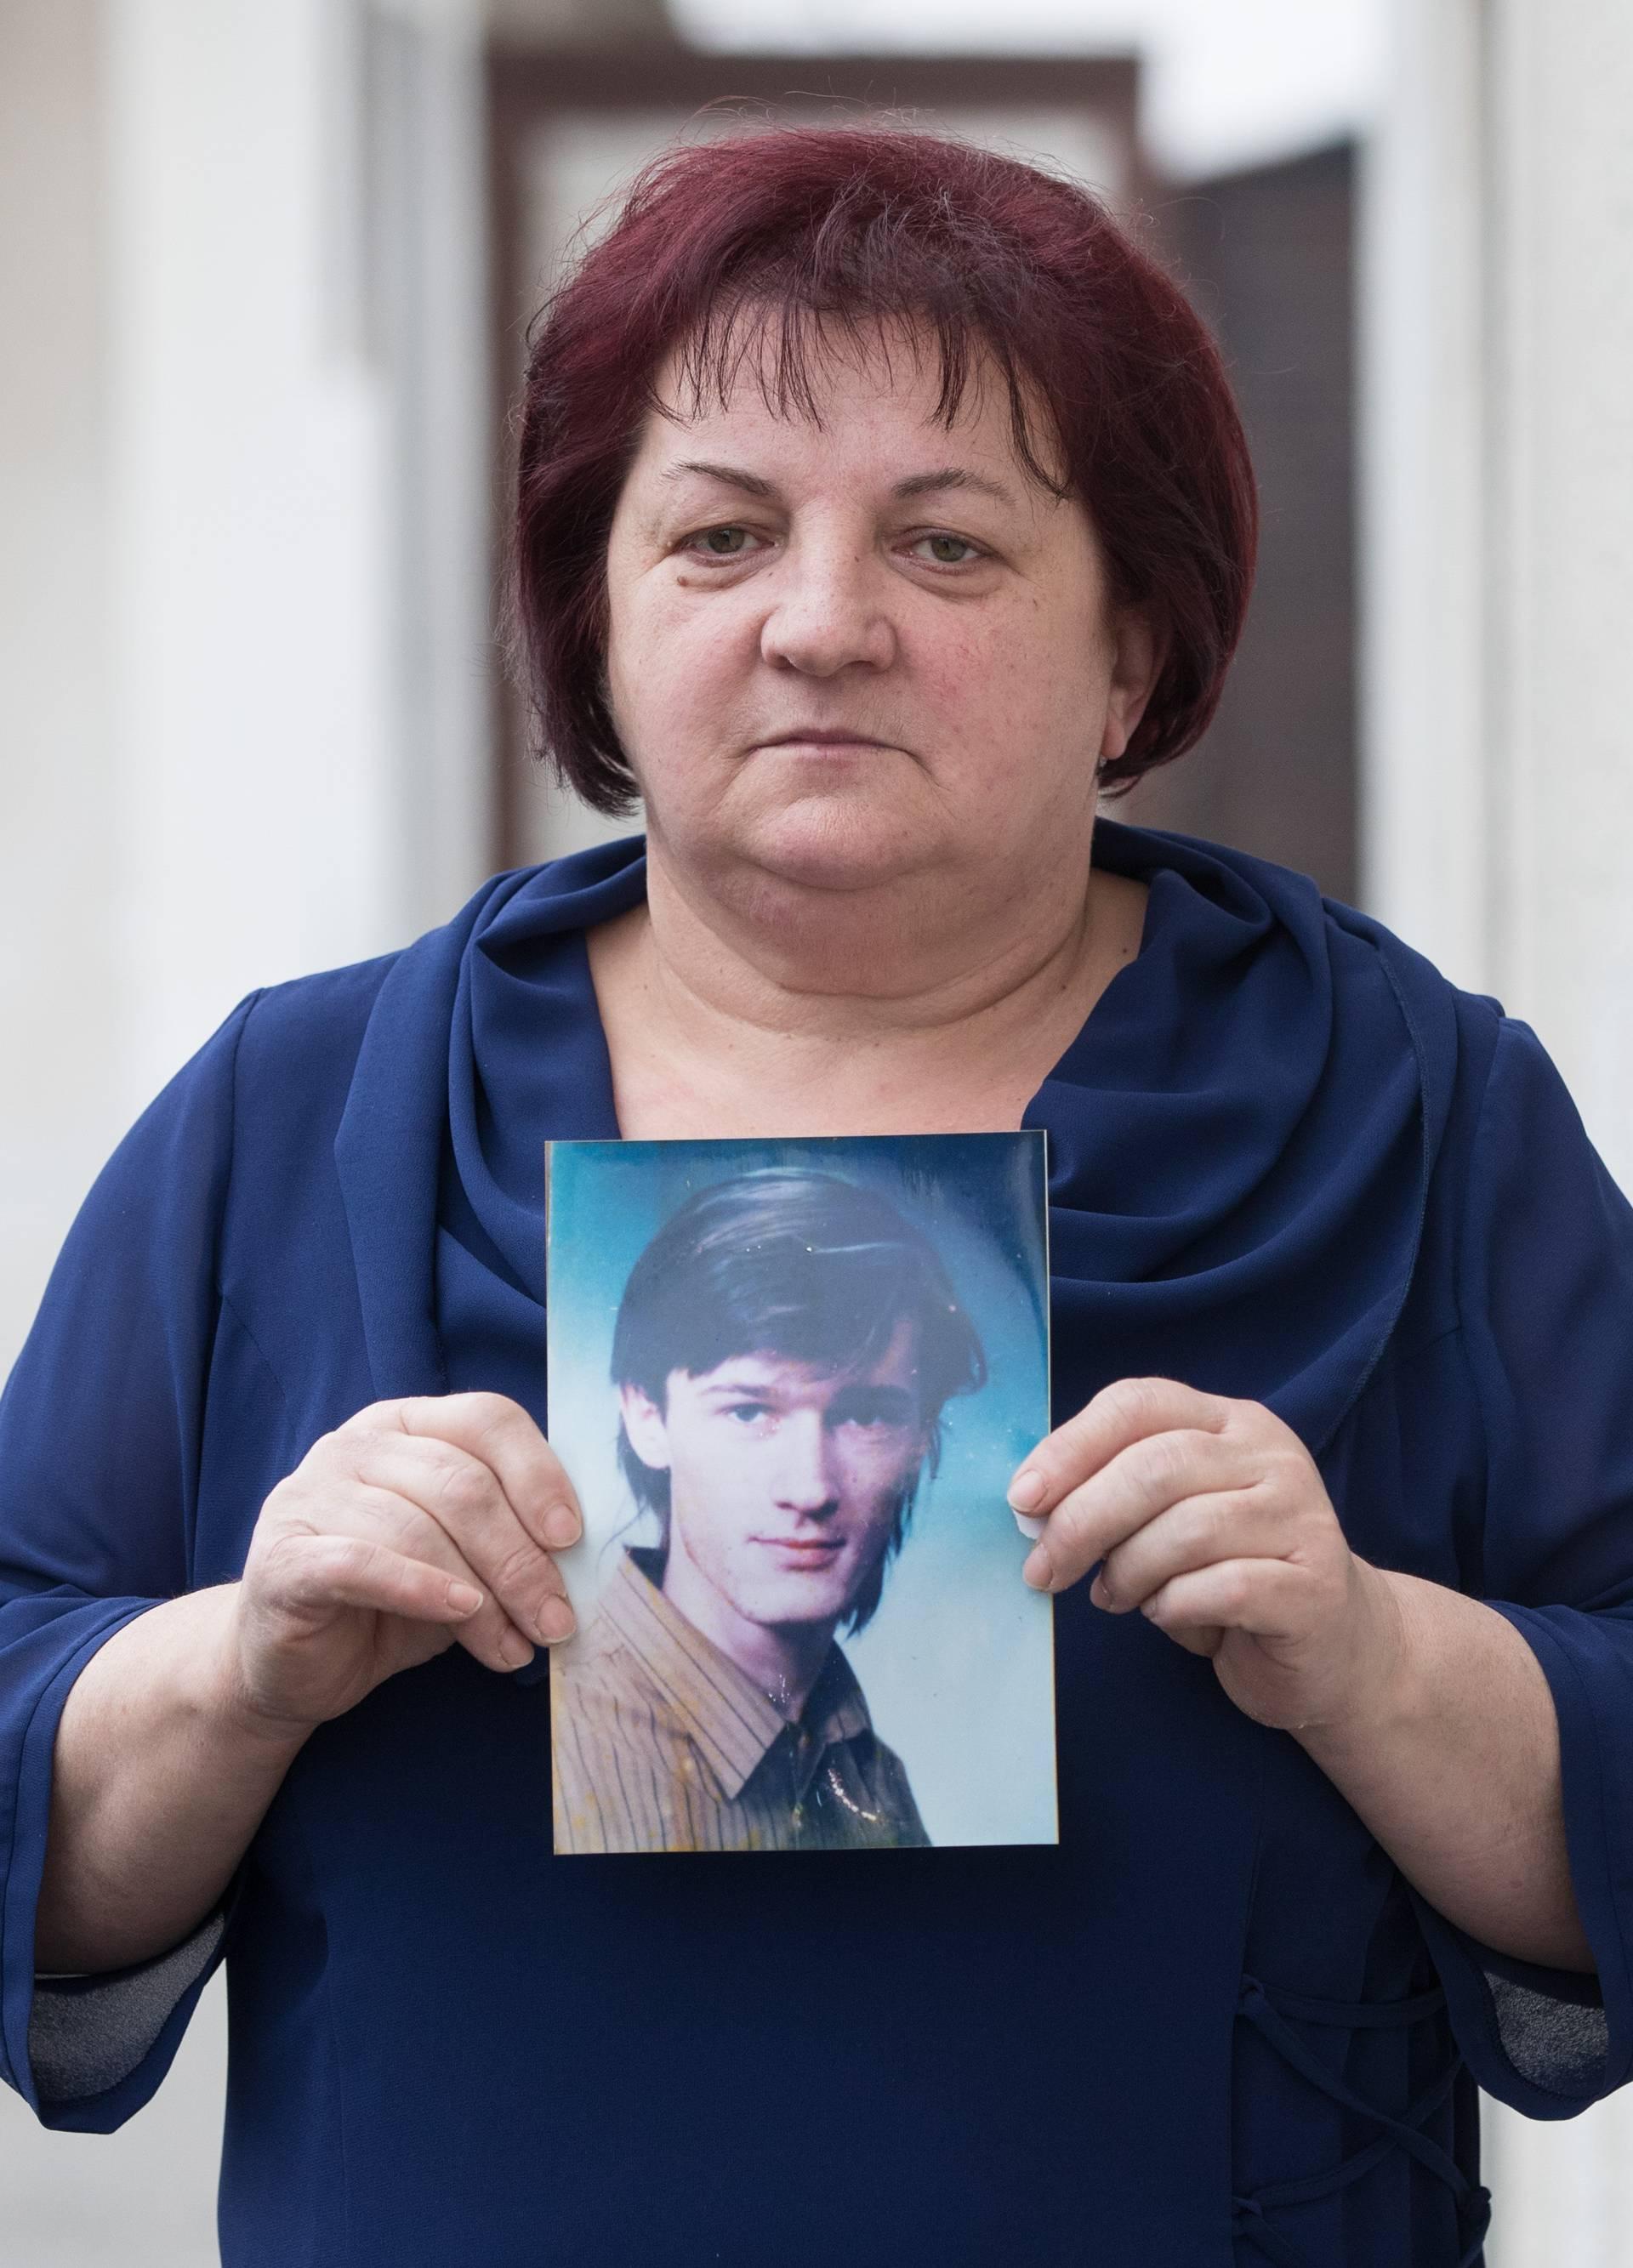 Prije nestanka svoju je krunicu poslao baki, a pištolj bratu...